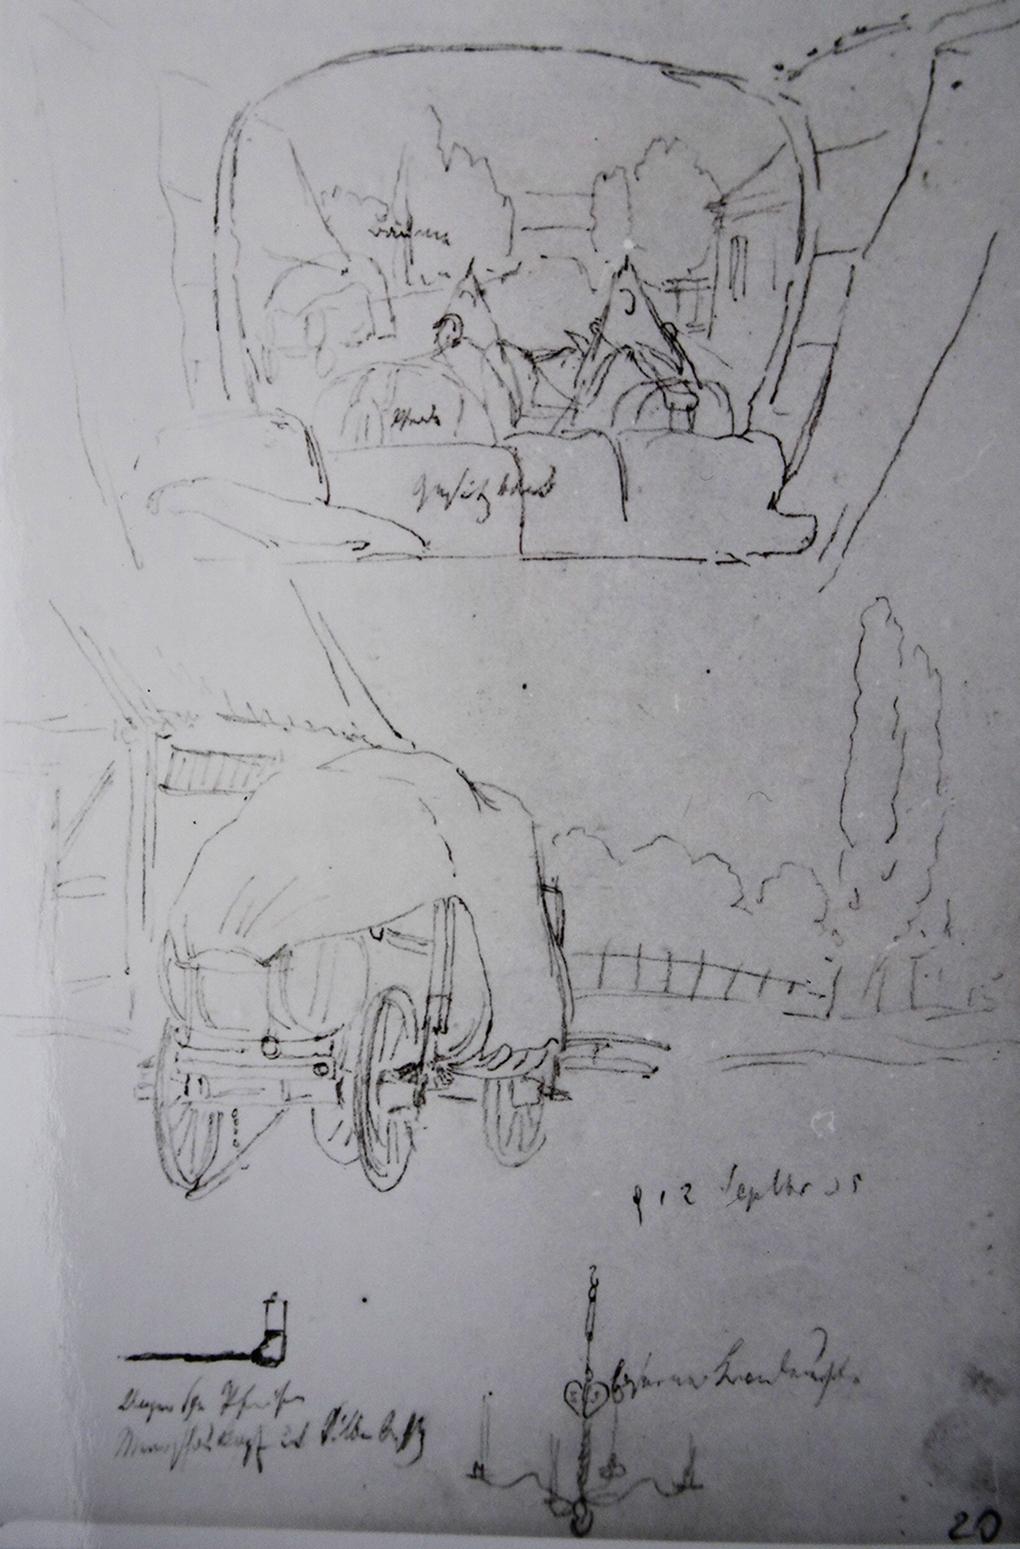 Ludwig Most, Widok z wozu i szkic wozu podróżnego, 12.09.1835, ołówek, papier czerpany welinowy, Muzeum Narodowe w Szczecinie, Szkicownik nr VII, karta 20